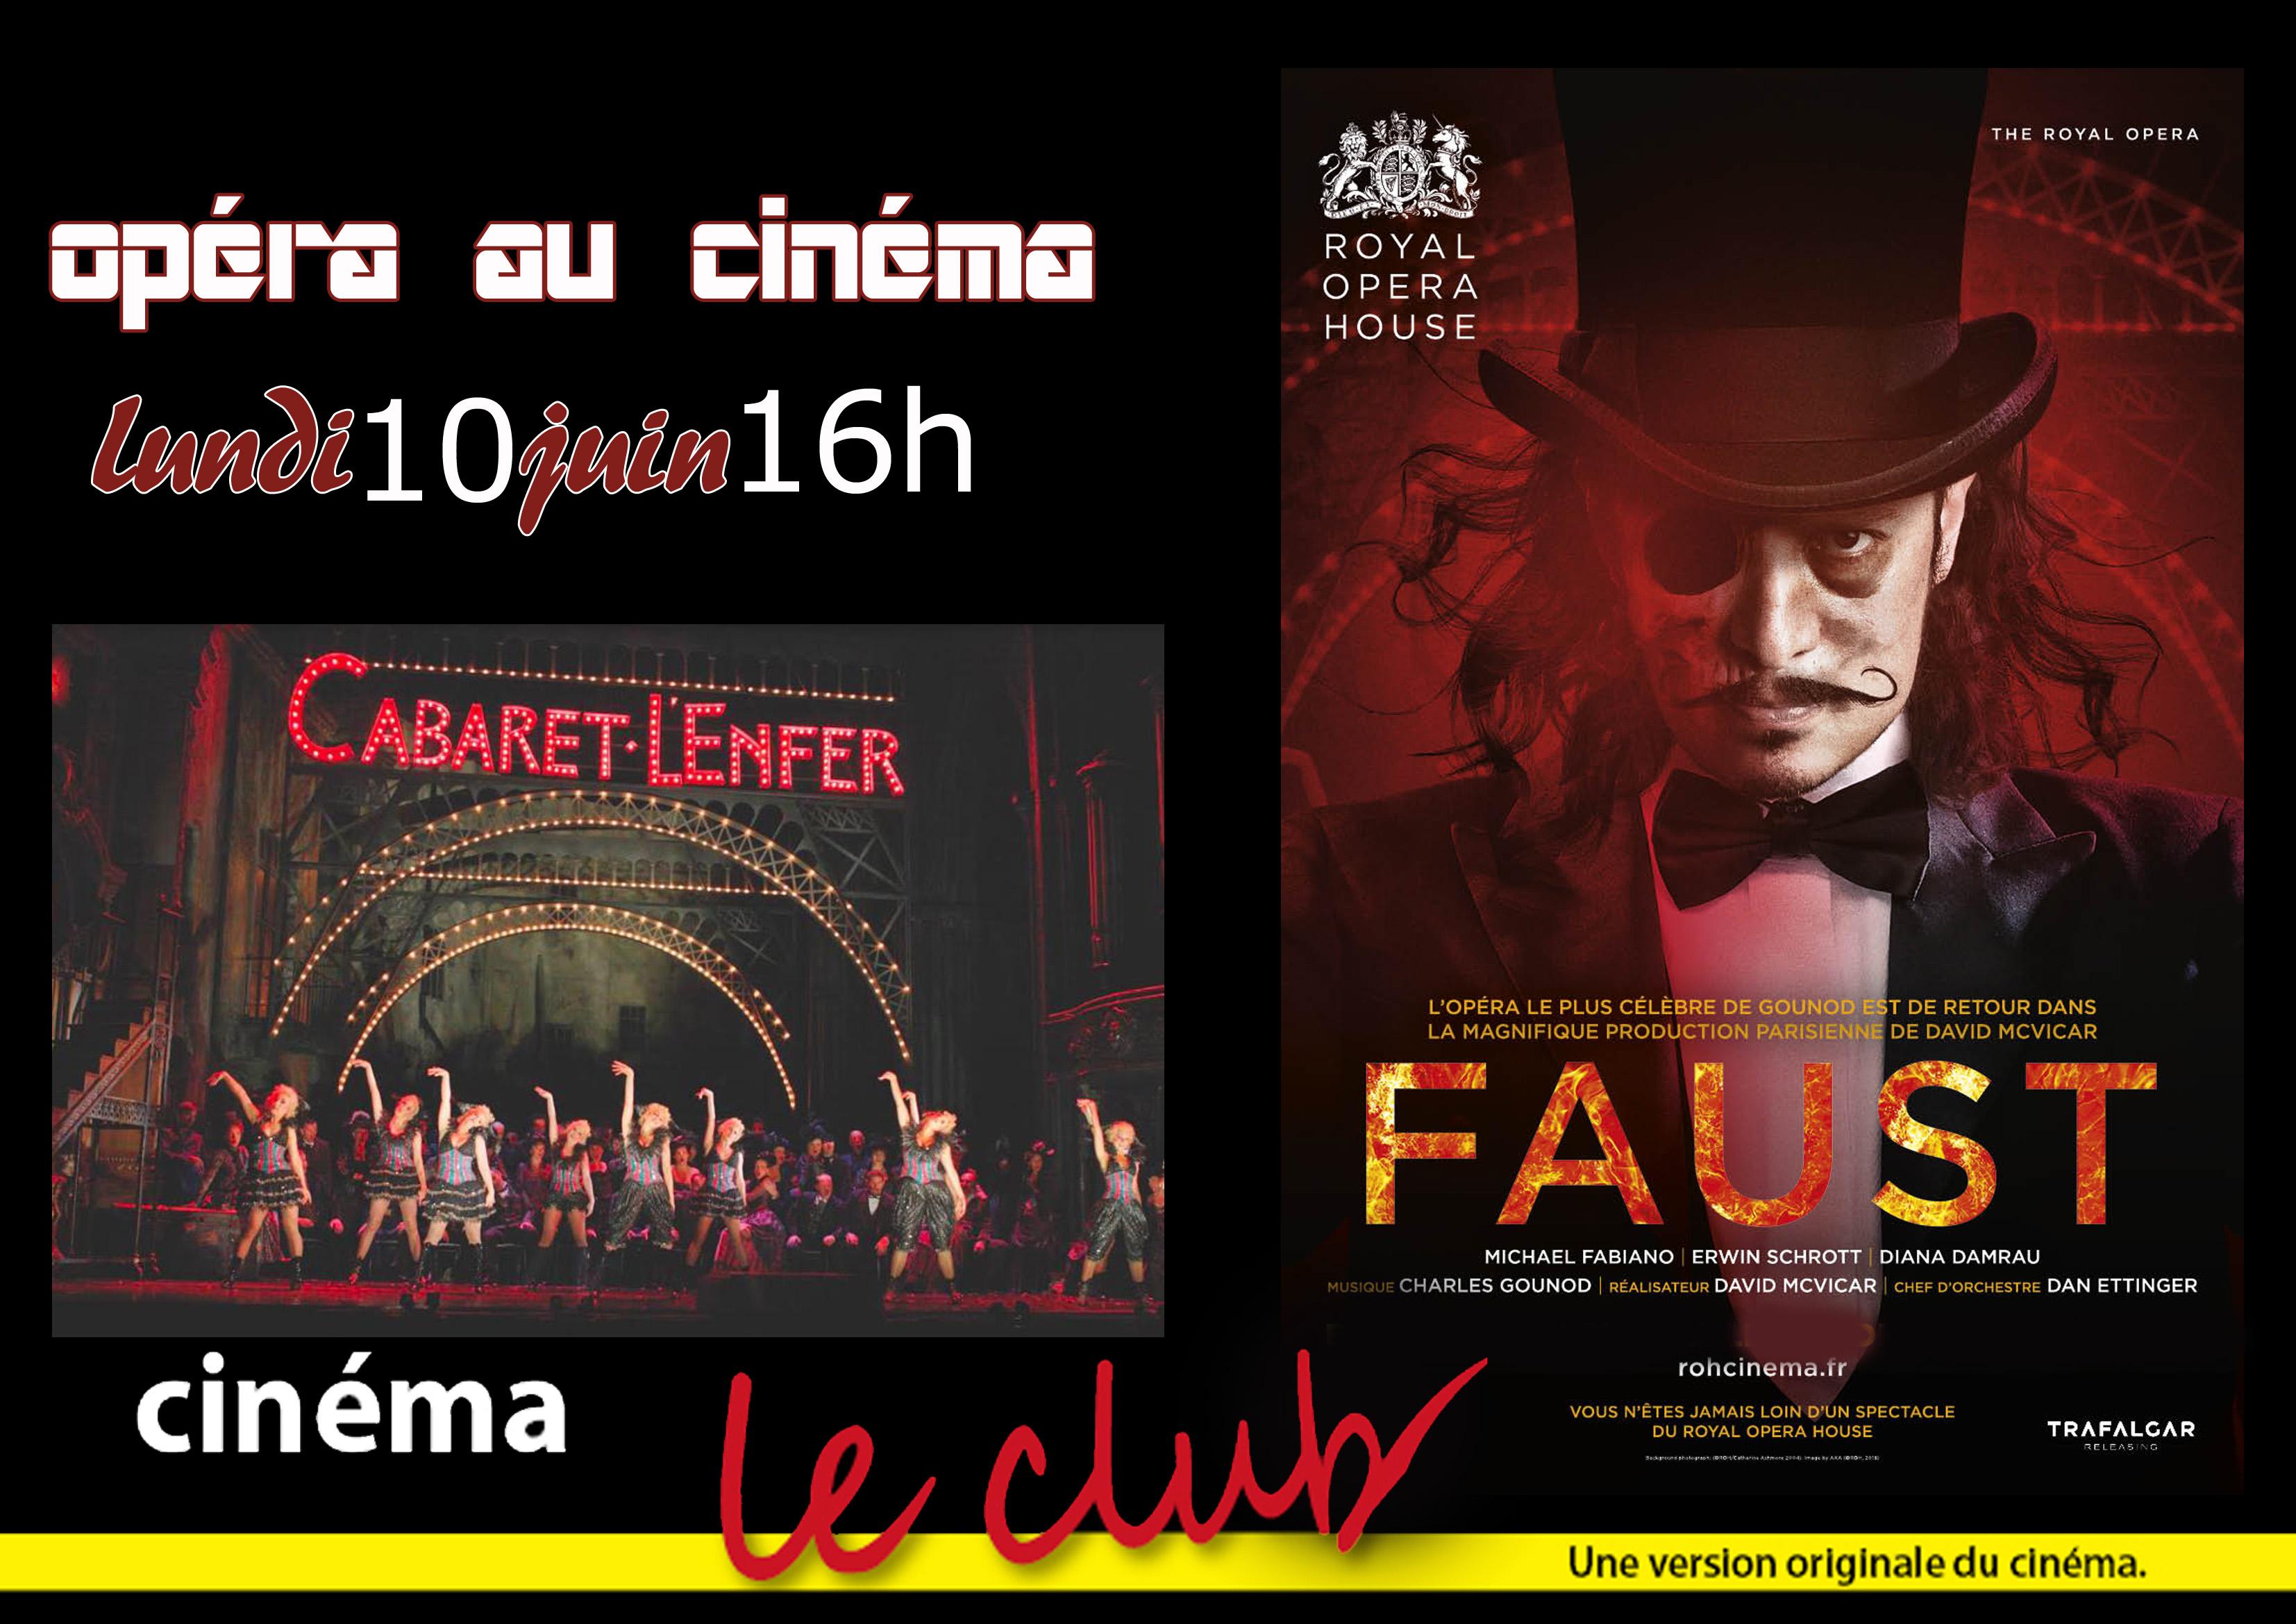 Art Club Cinéma Et Essaigt; Le JFclK13T5u